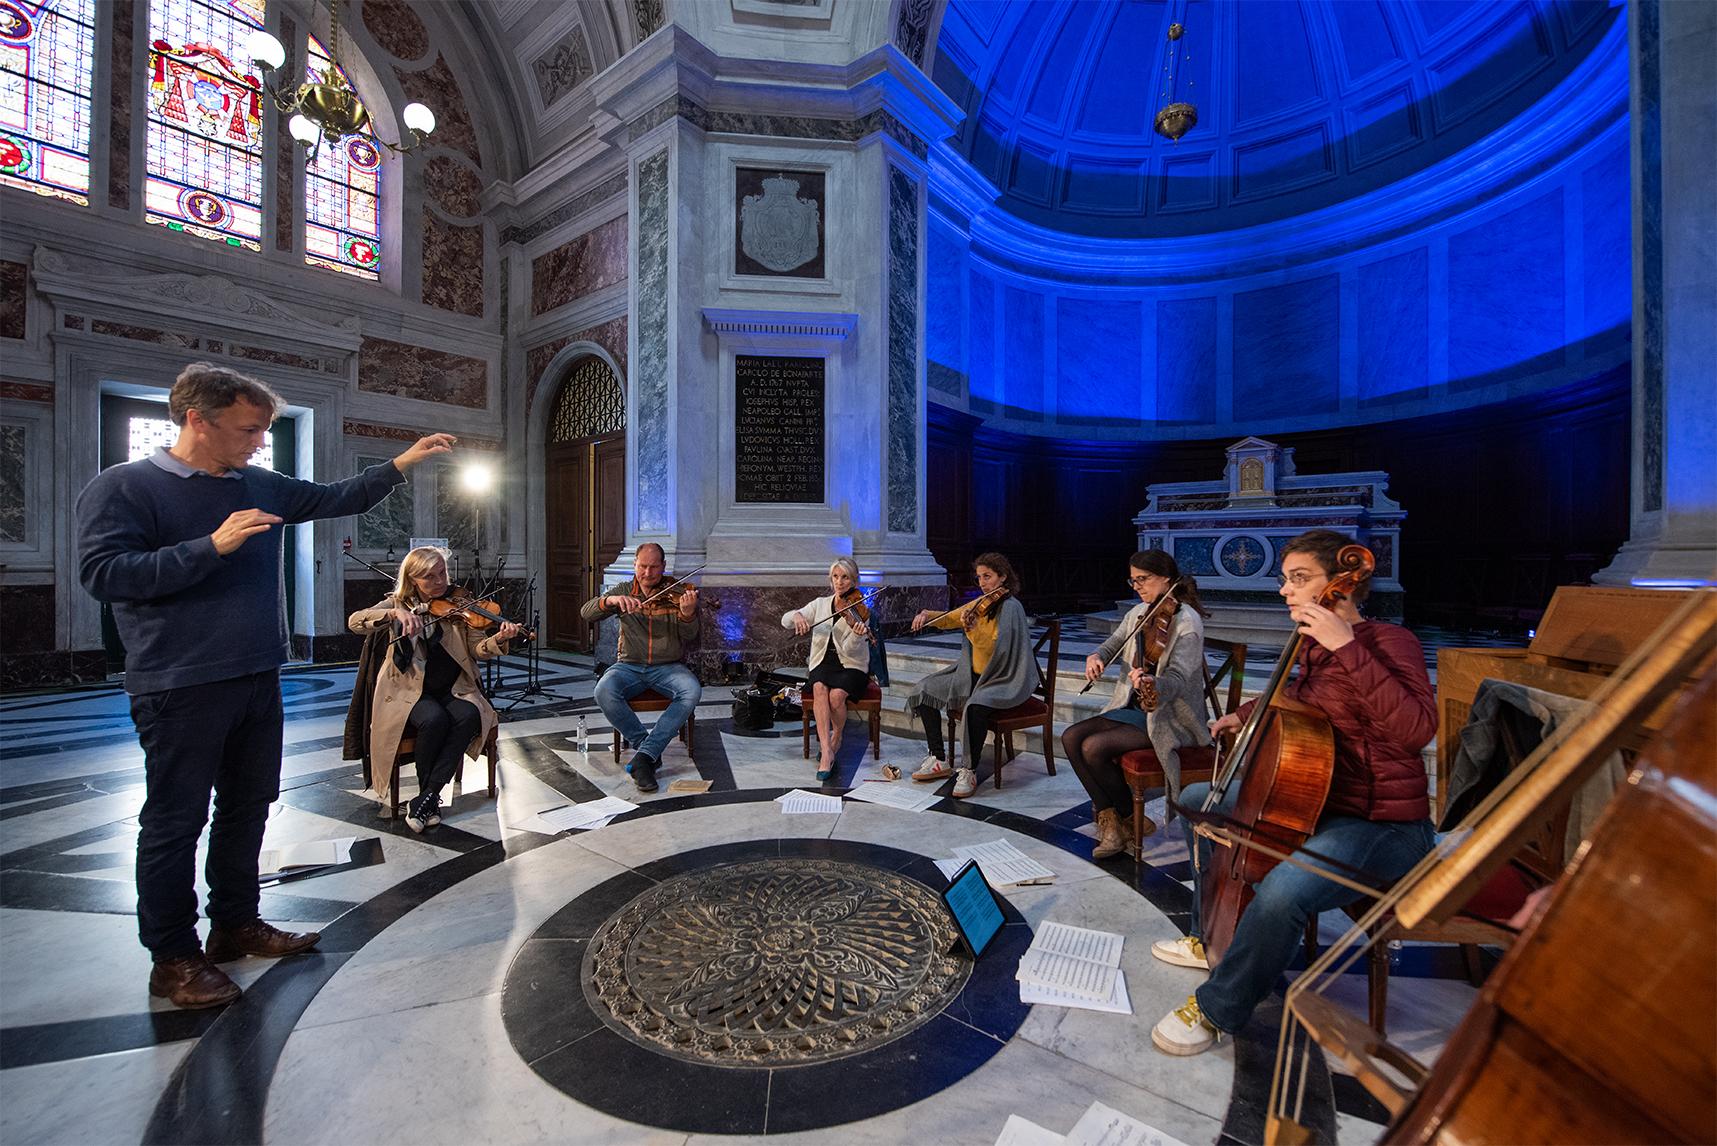 Jean-Christophe Spinosi et son orchestre au coeur de la chapelle impériale au dessus de la crypte où repose la famille Bonaparte.